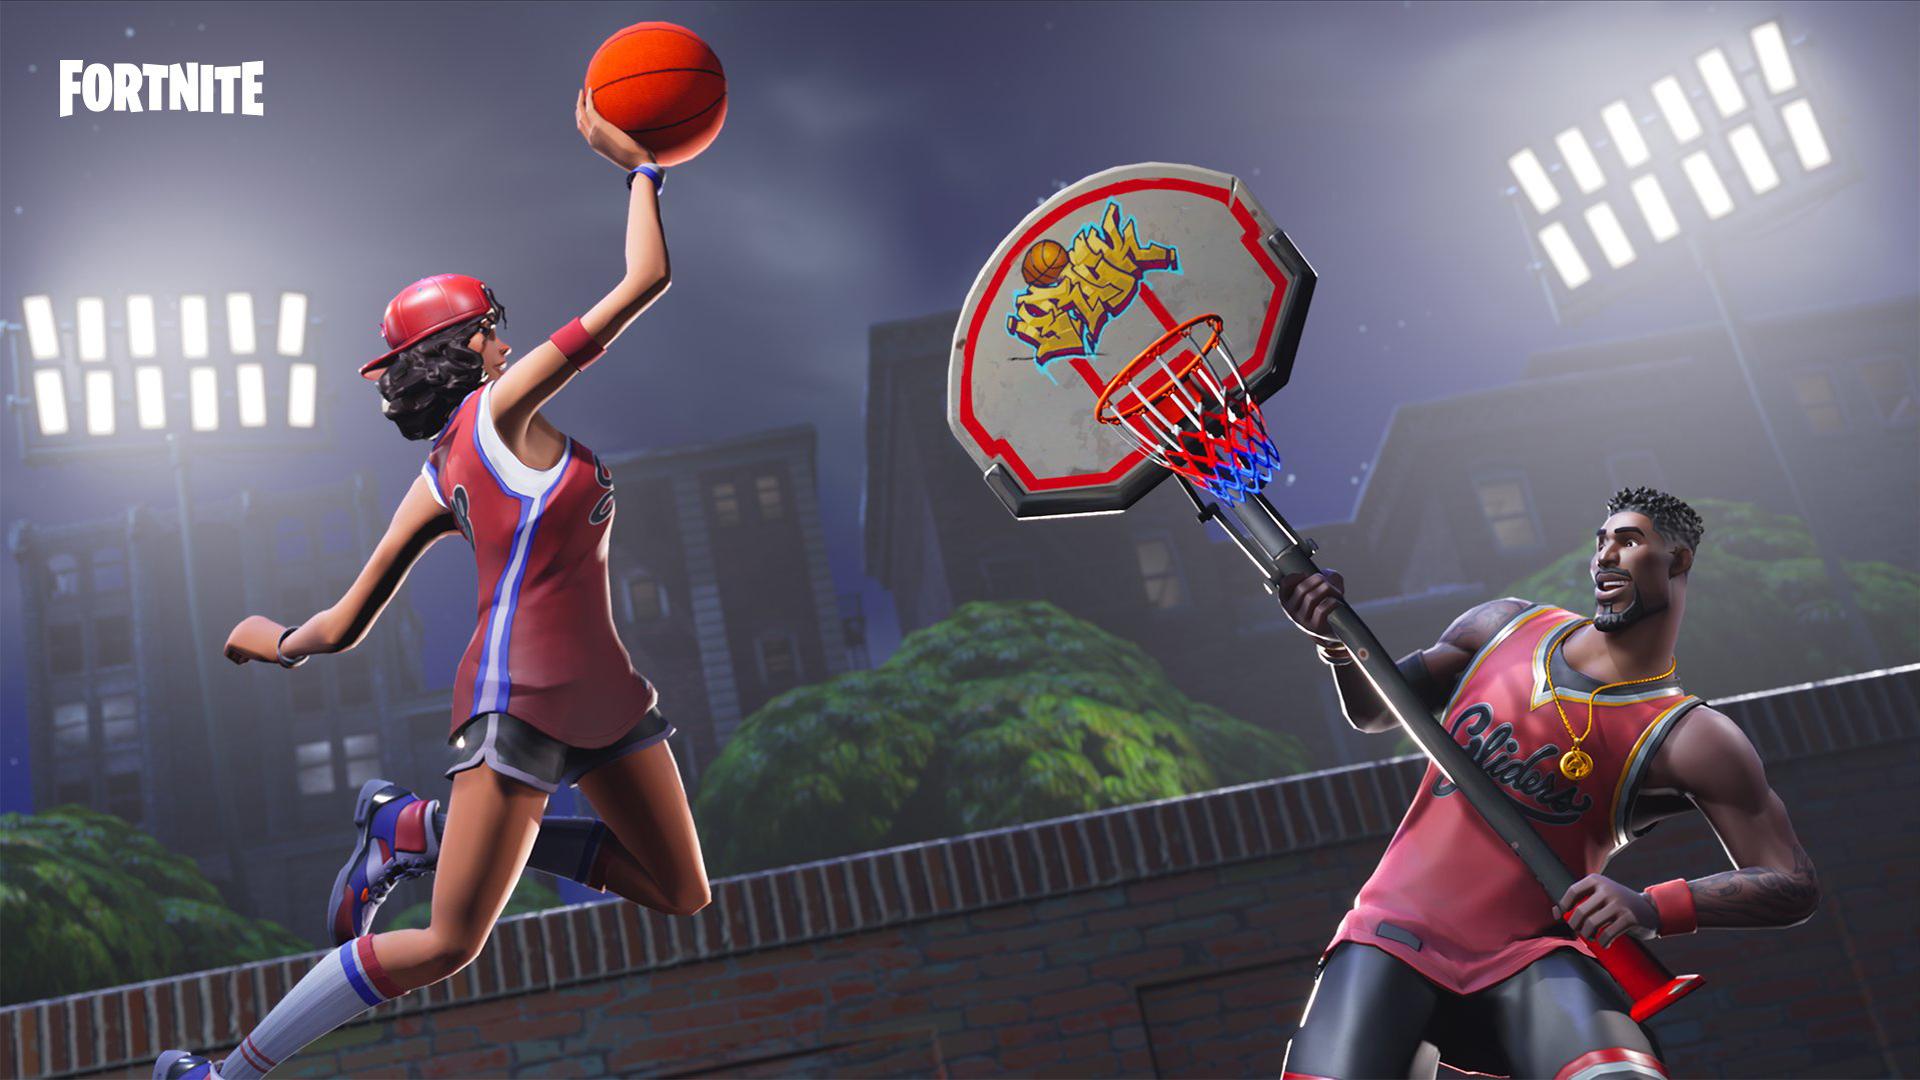 fortnite basketball skins wallpaper 64128